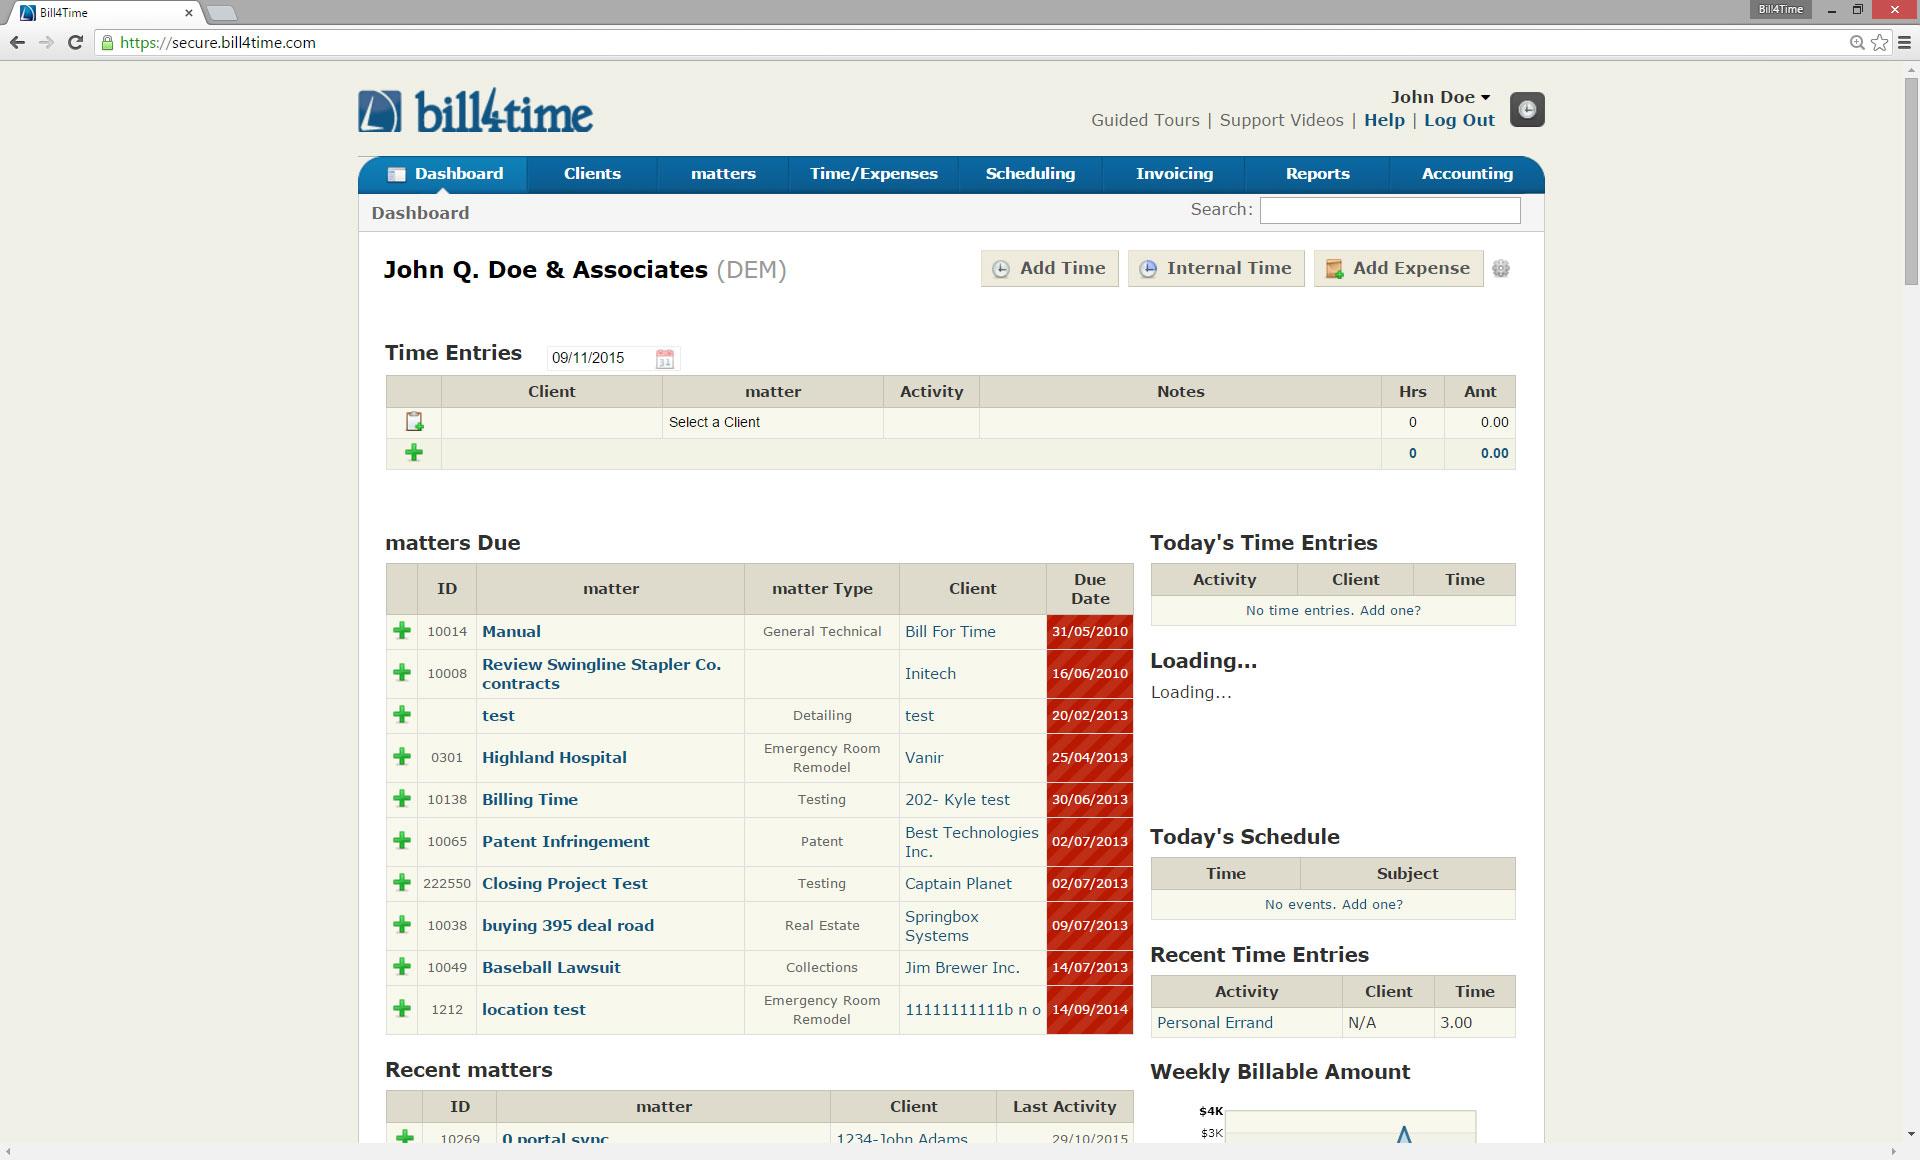 Bill4Time Software - Dashboard